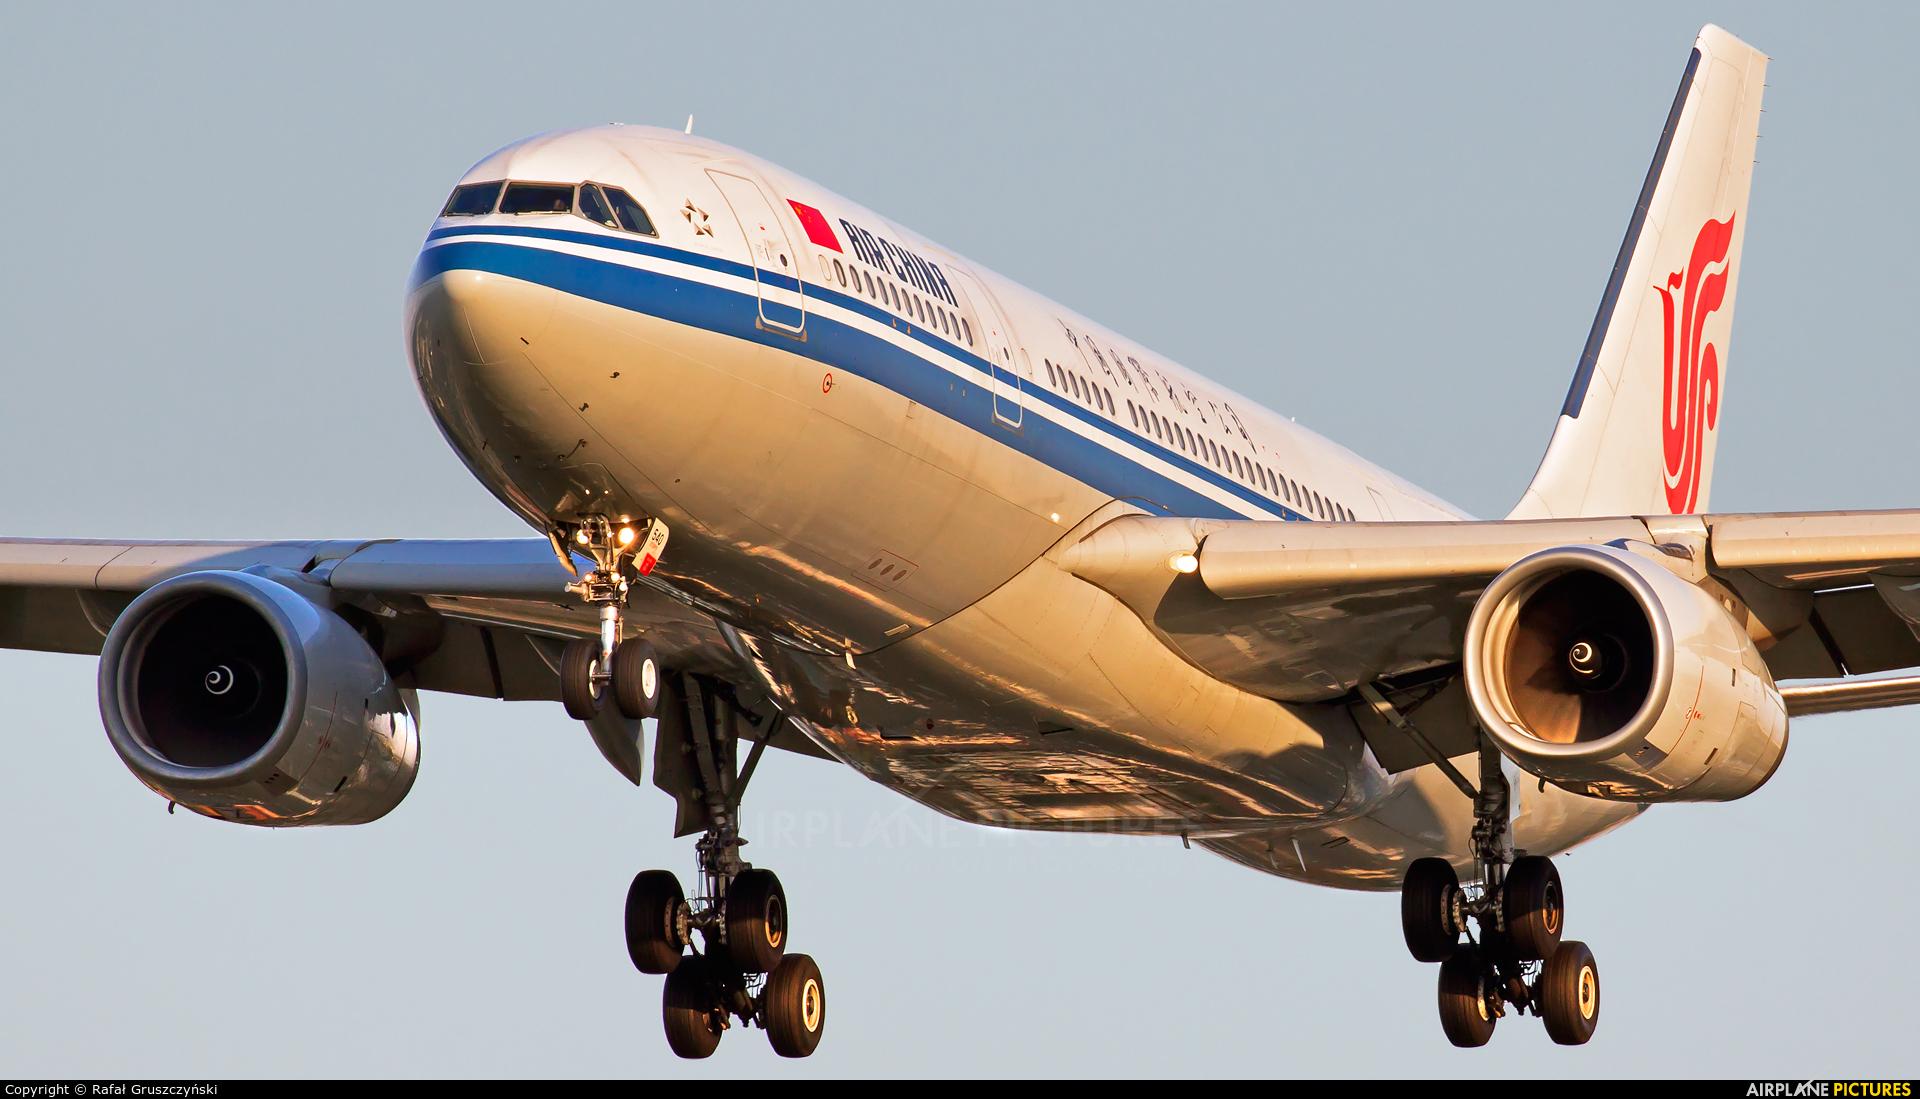 Air China B-6540 aircraft at Warsaw - Frederic Chopin